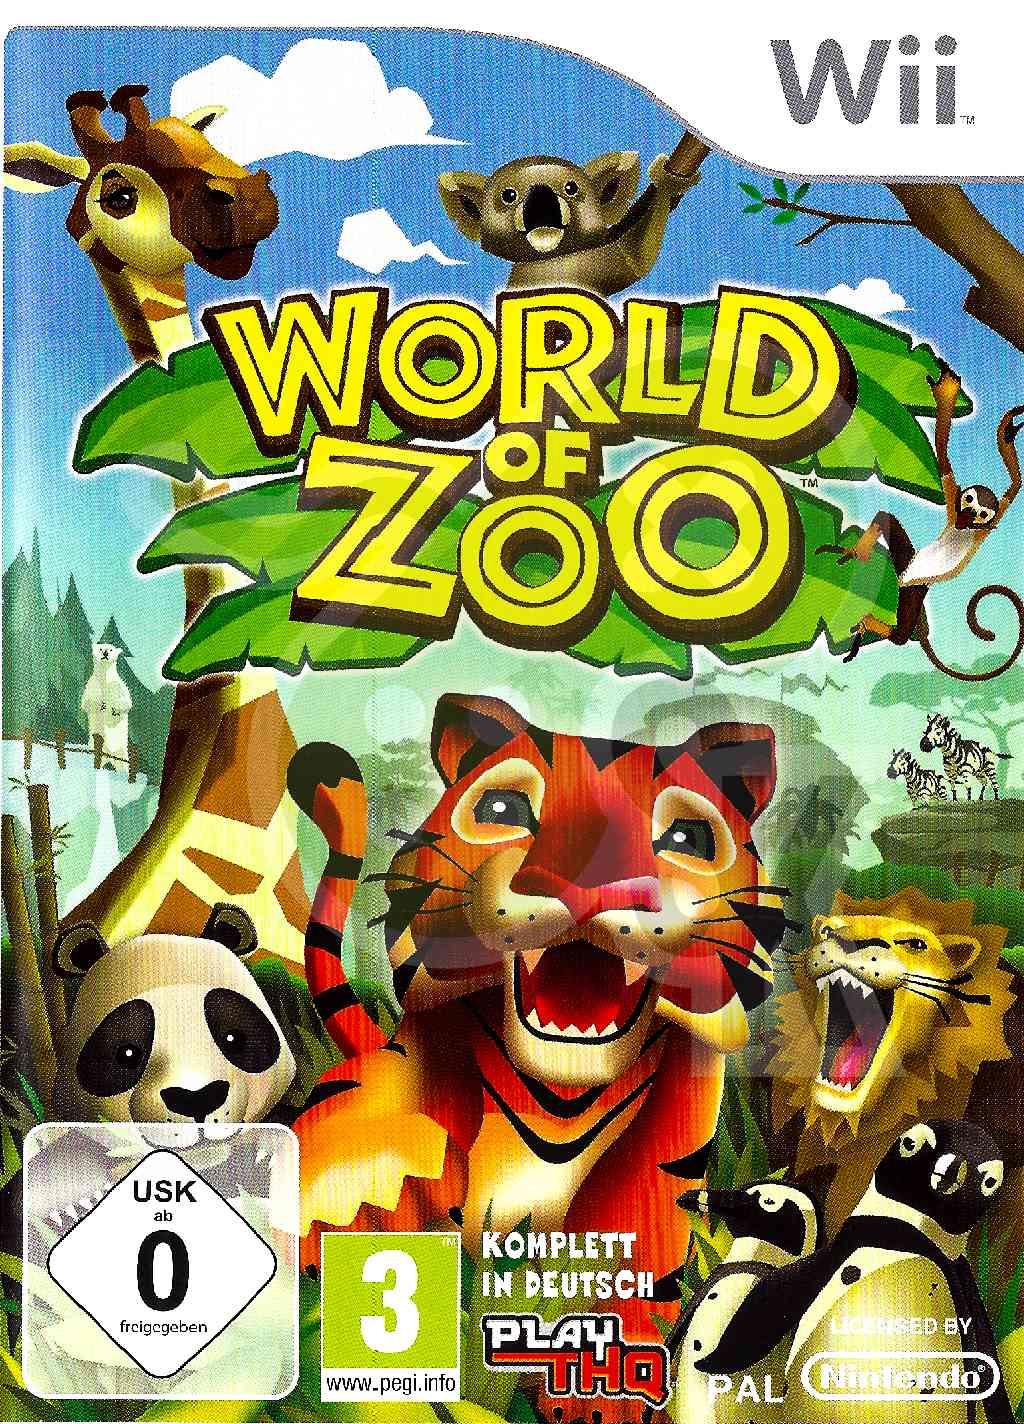 Zoo Spiele